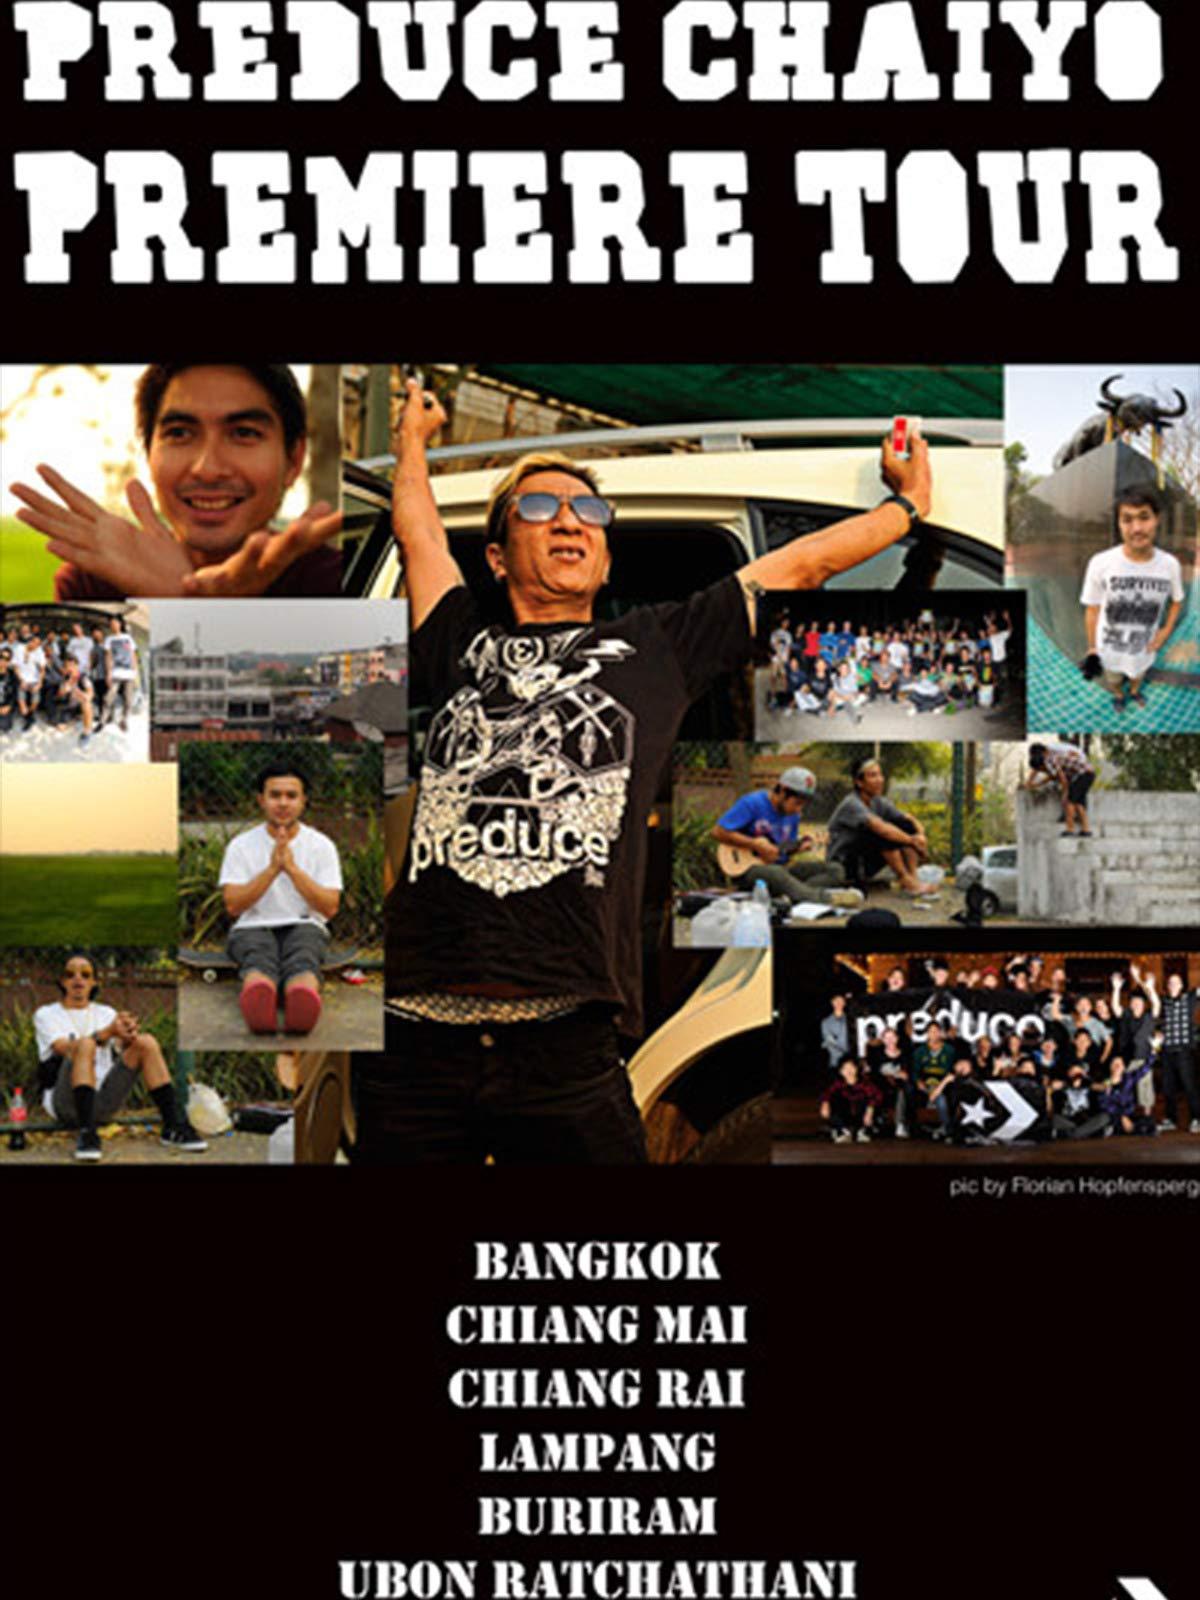 Chaiyo Premiere Tour